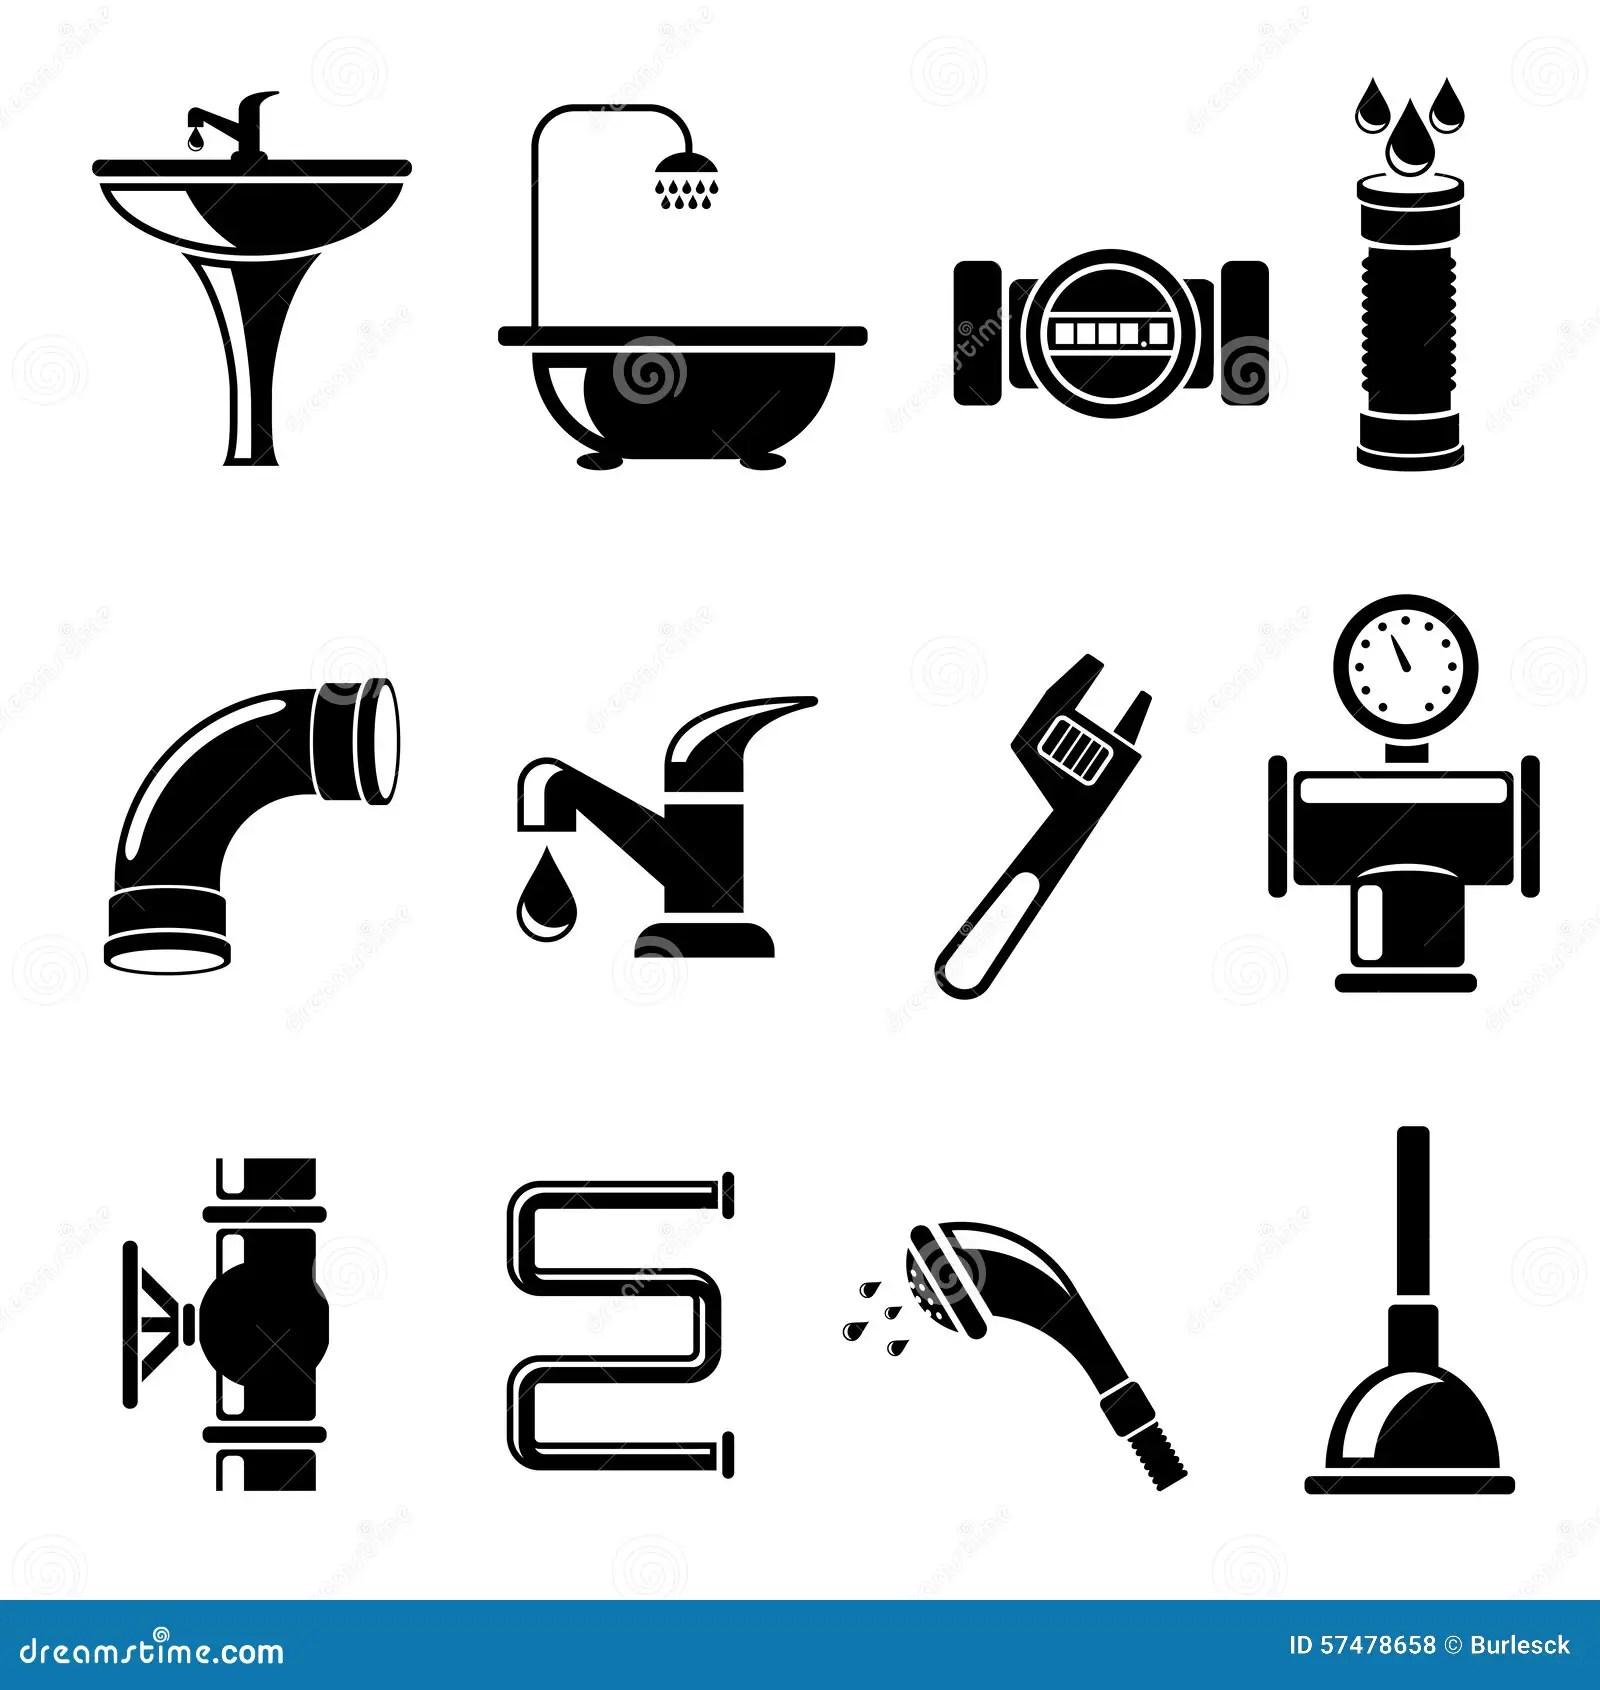 Plumbing Icons Stock Vector Image 57478658